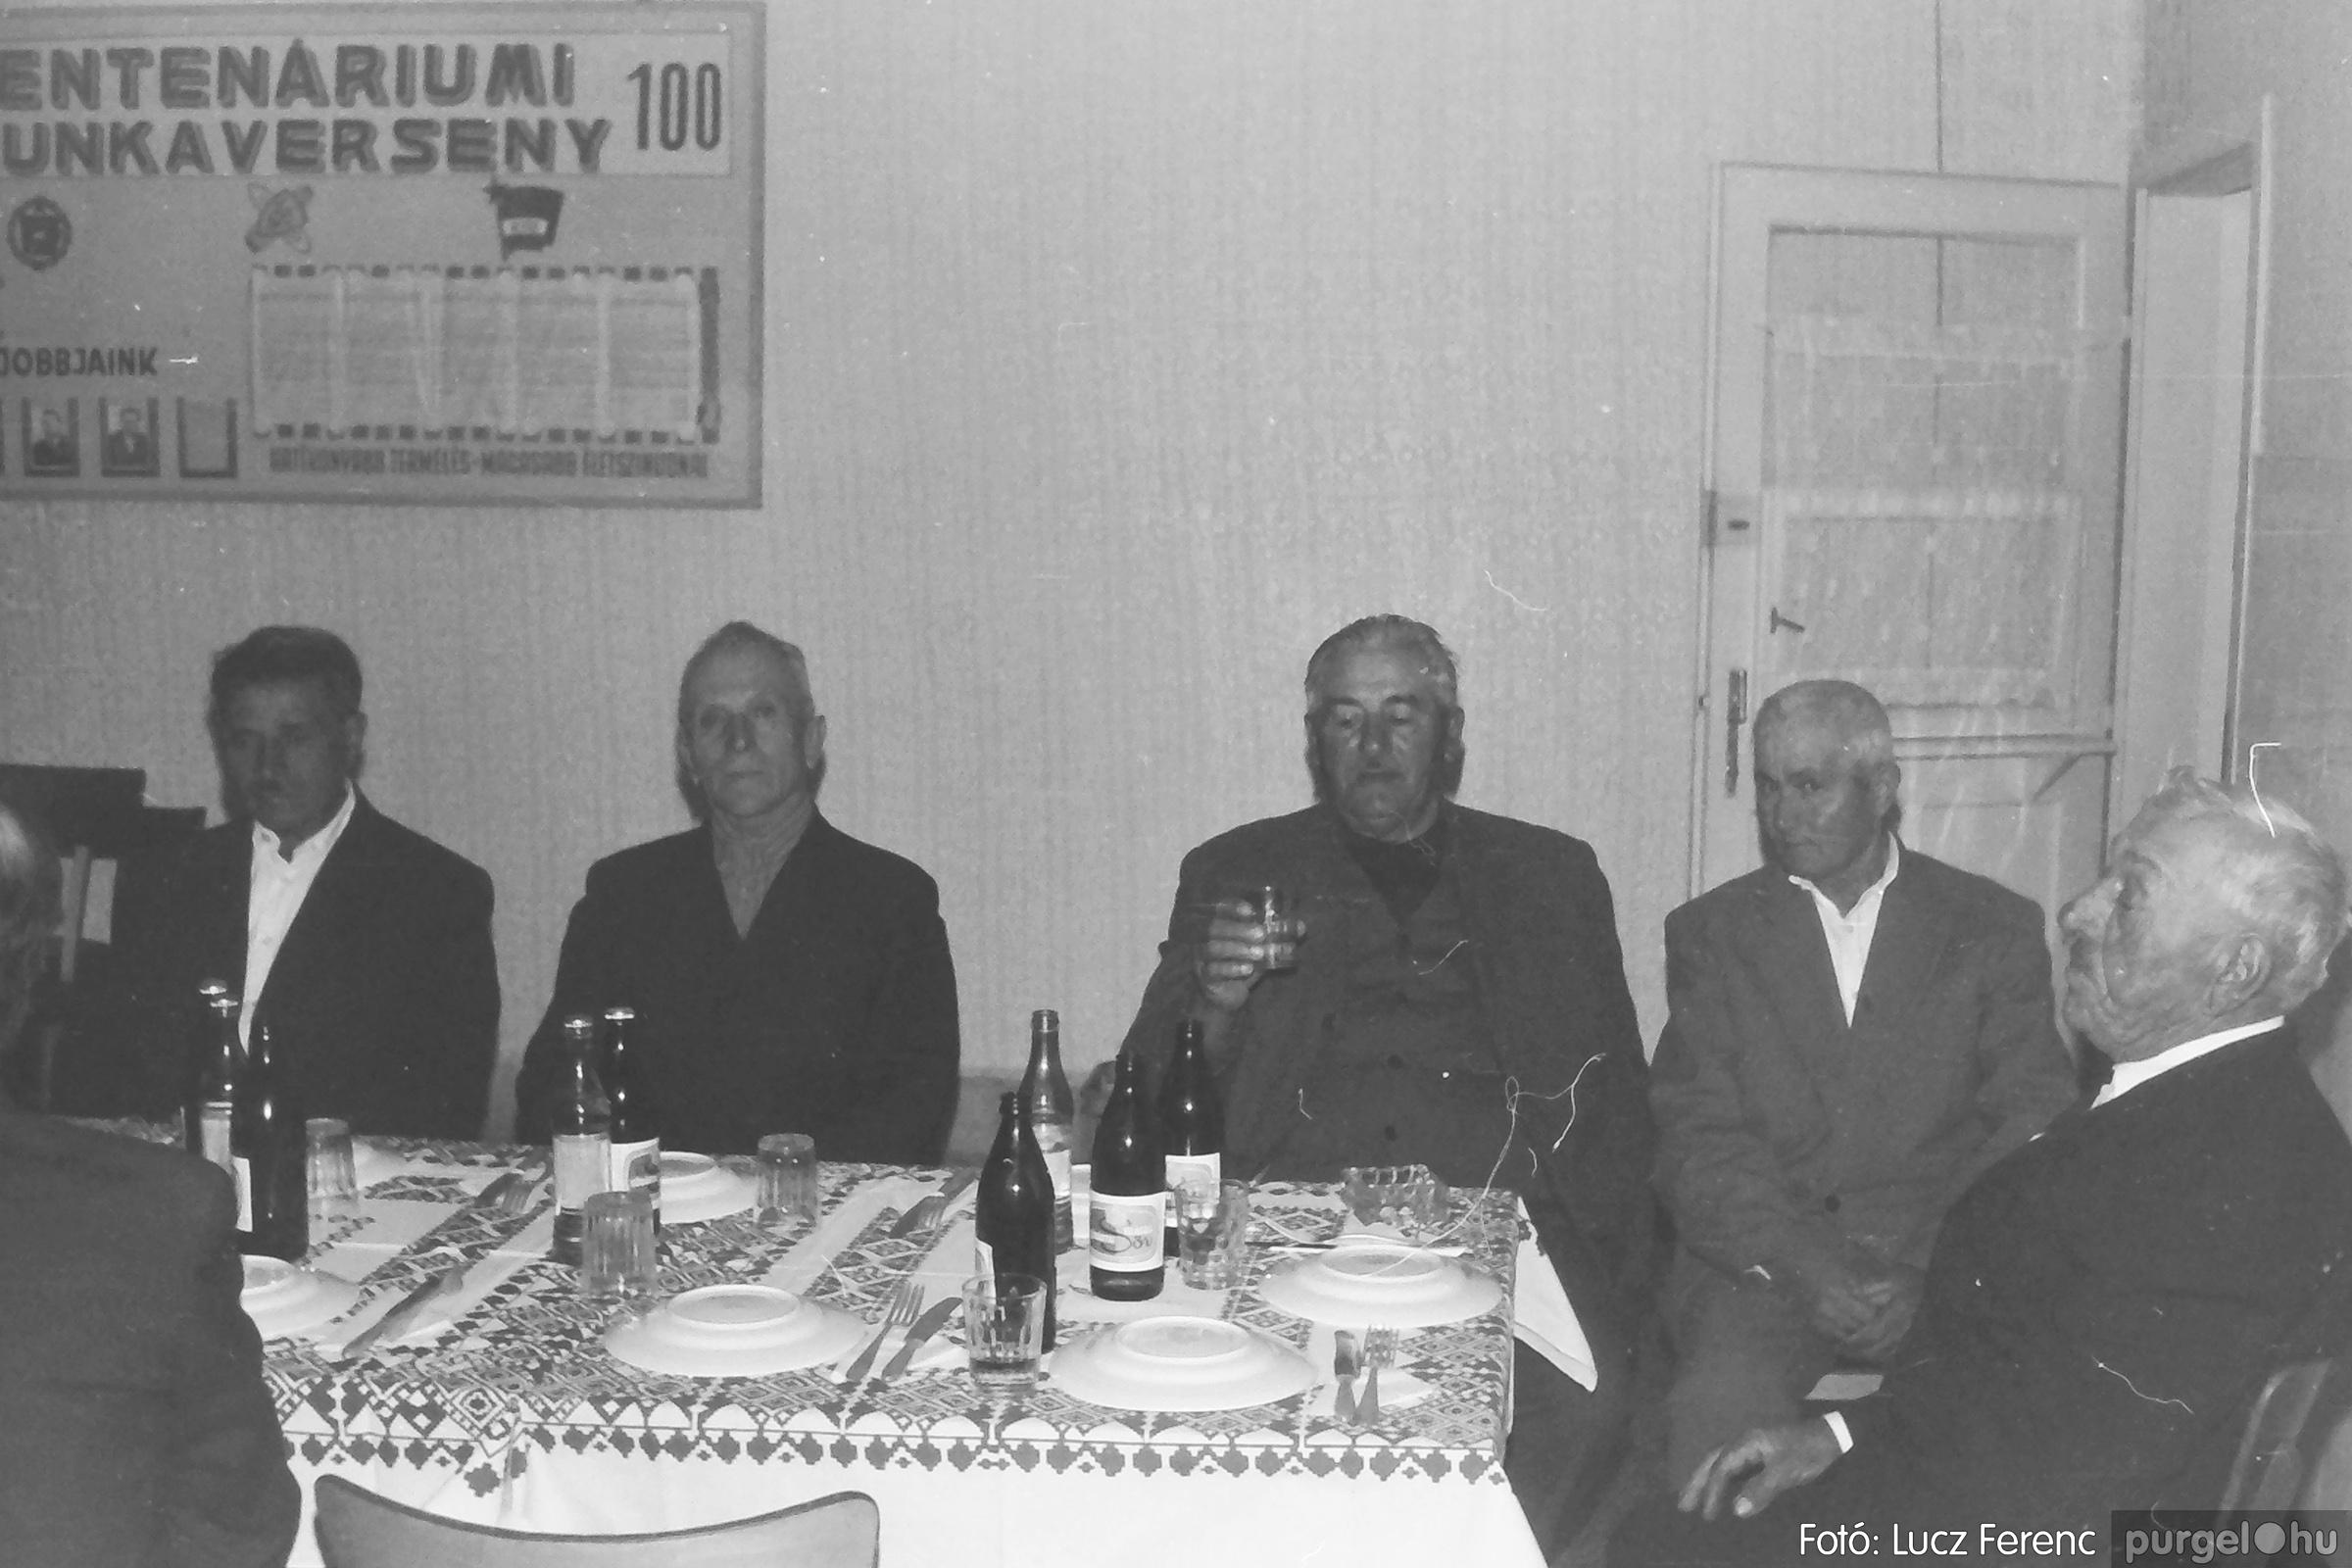 088A. 1977. Nyugdíjas találkozó a Kendergyárban 008. - Fotó: Lucz Ferenc.jpg